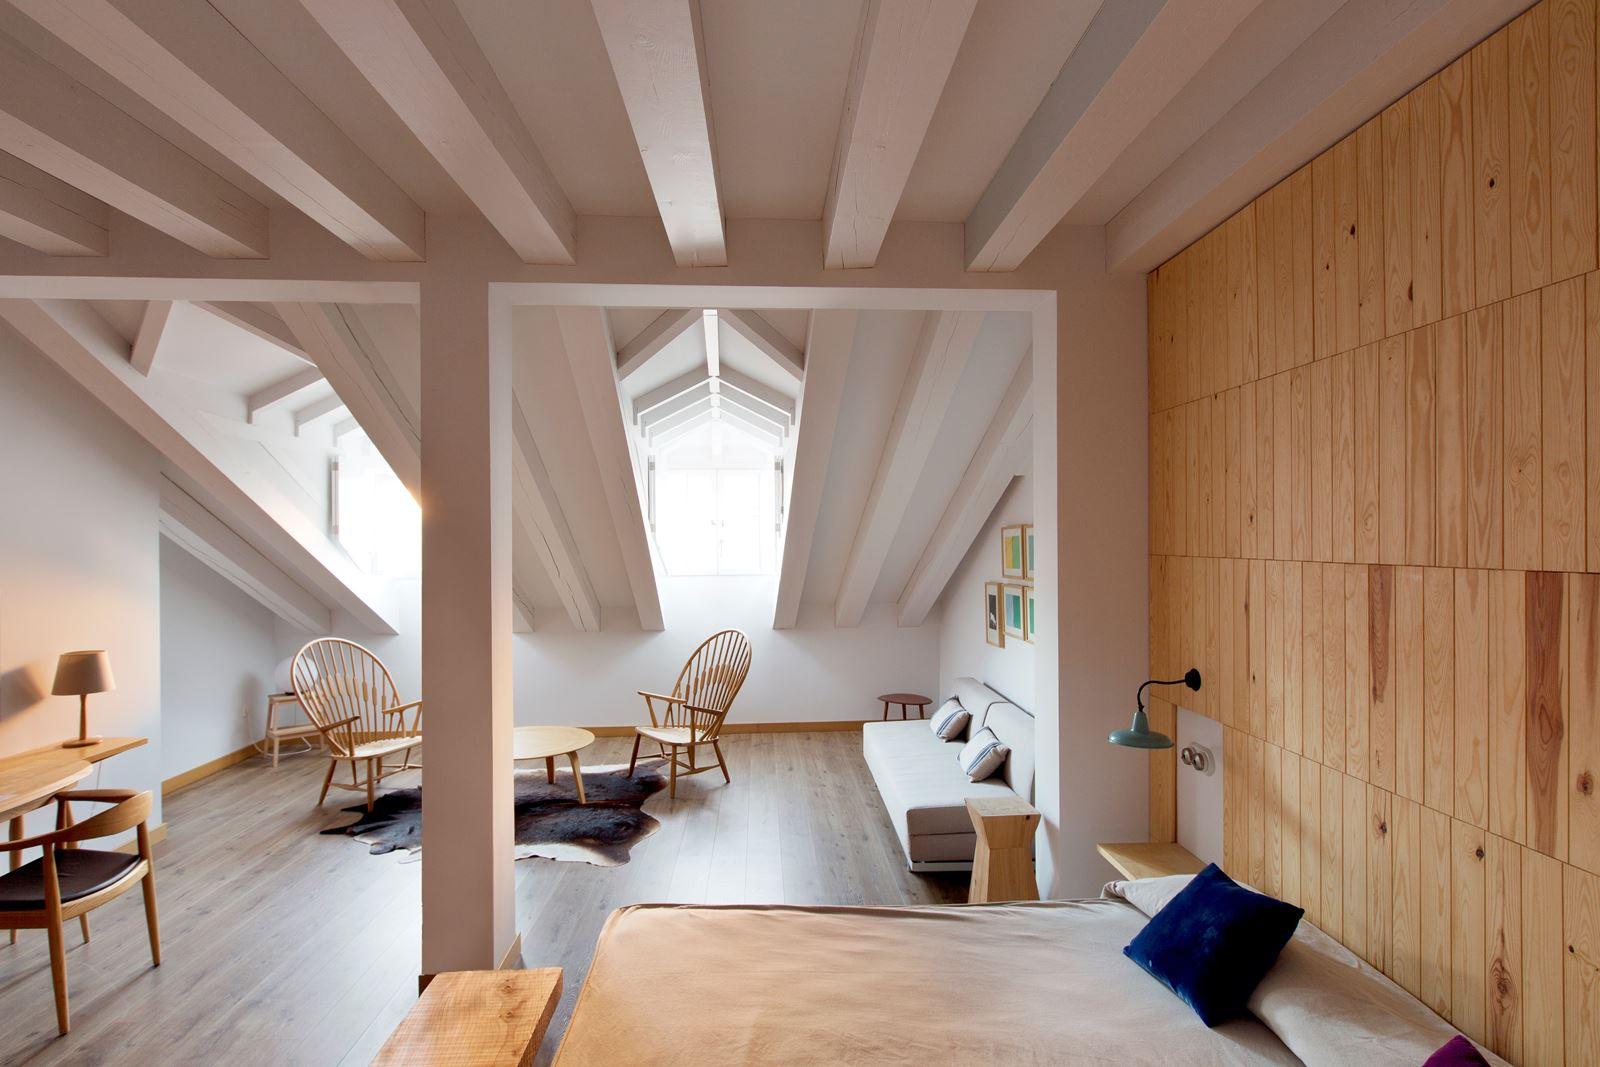 Un hotel con stanze in mansarda in un borgo medievale ...